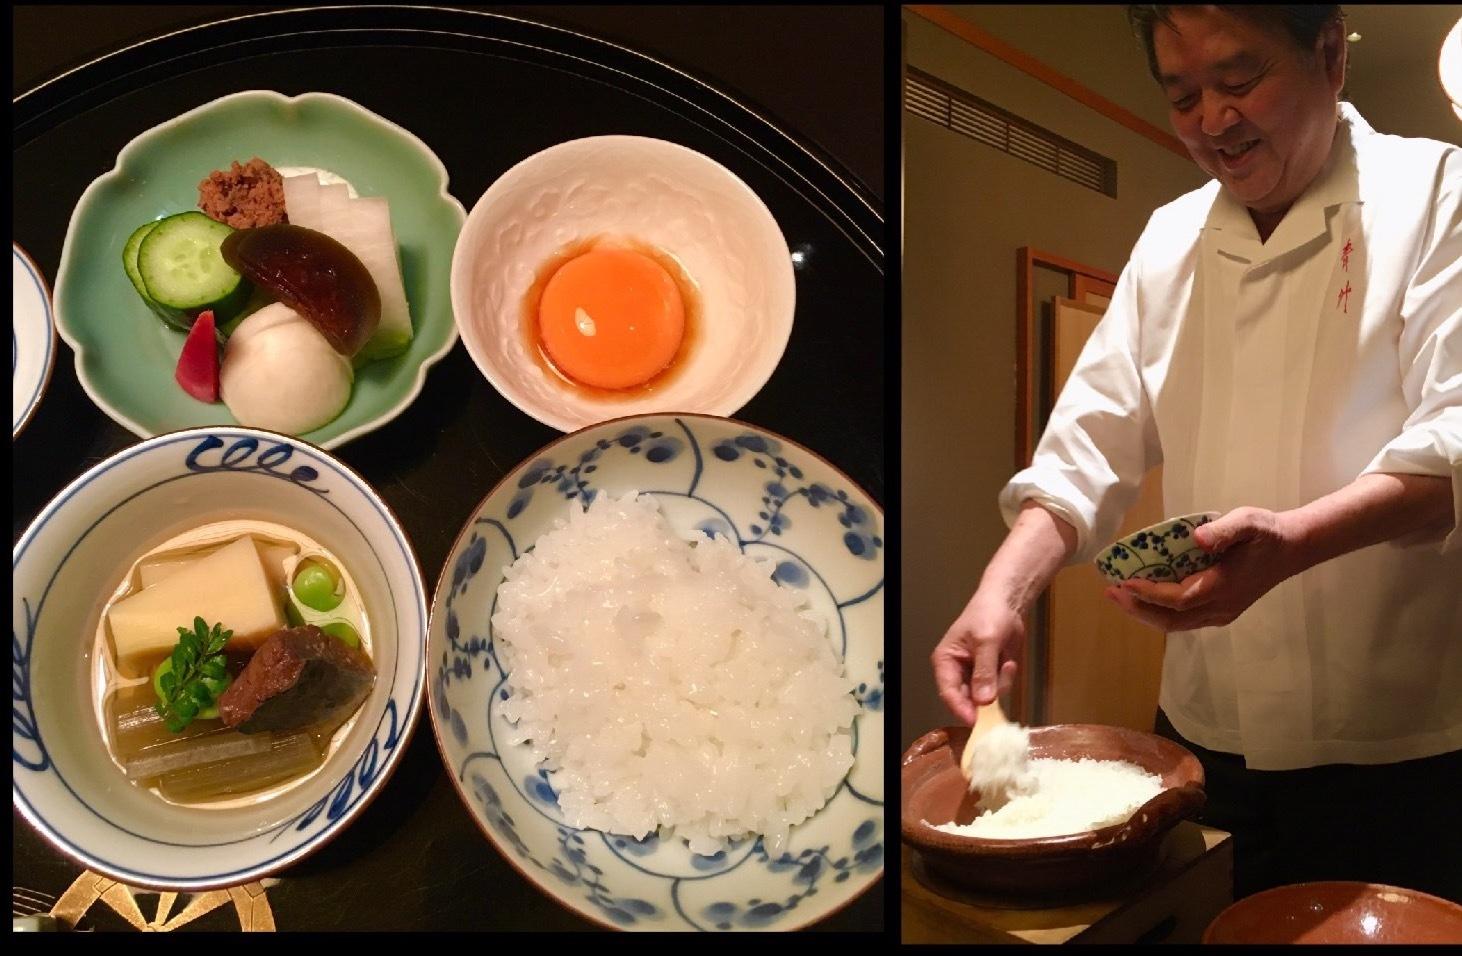 風味絶佳!「青柳」至高の日本料理をいただく♪_a0138976_14021542.jpg